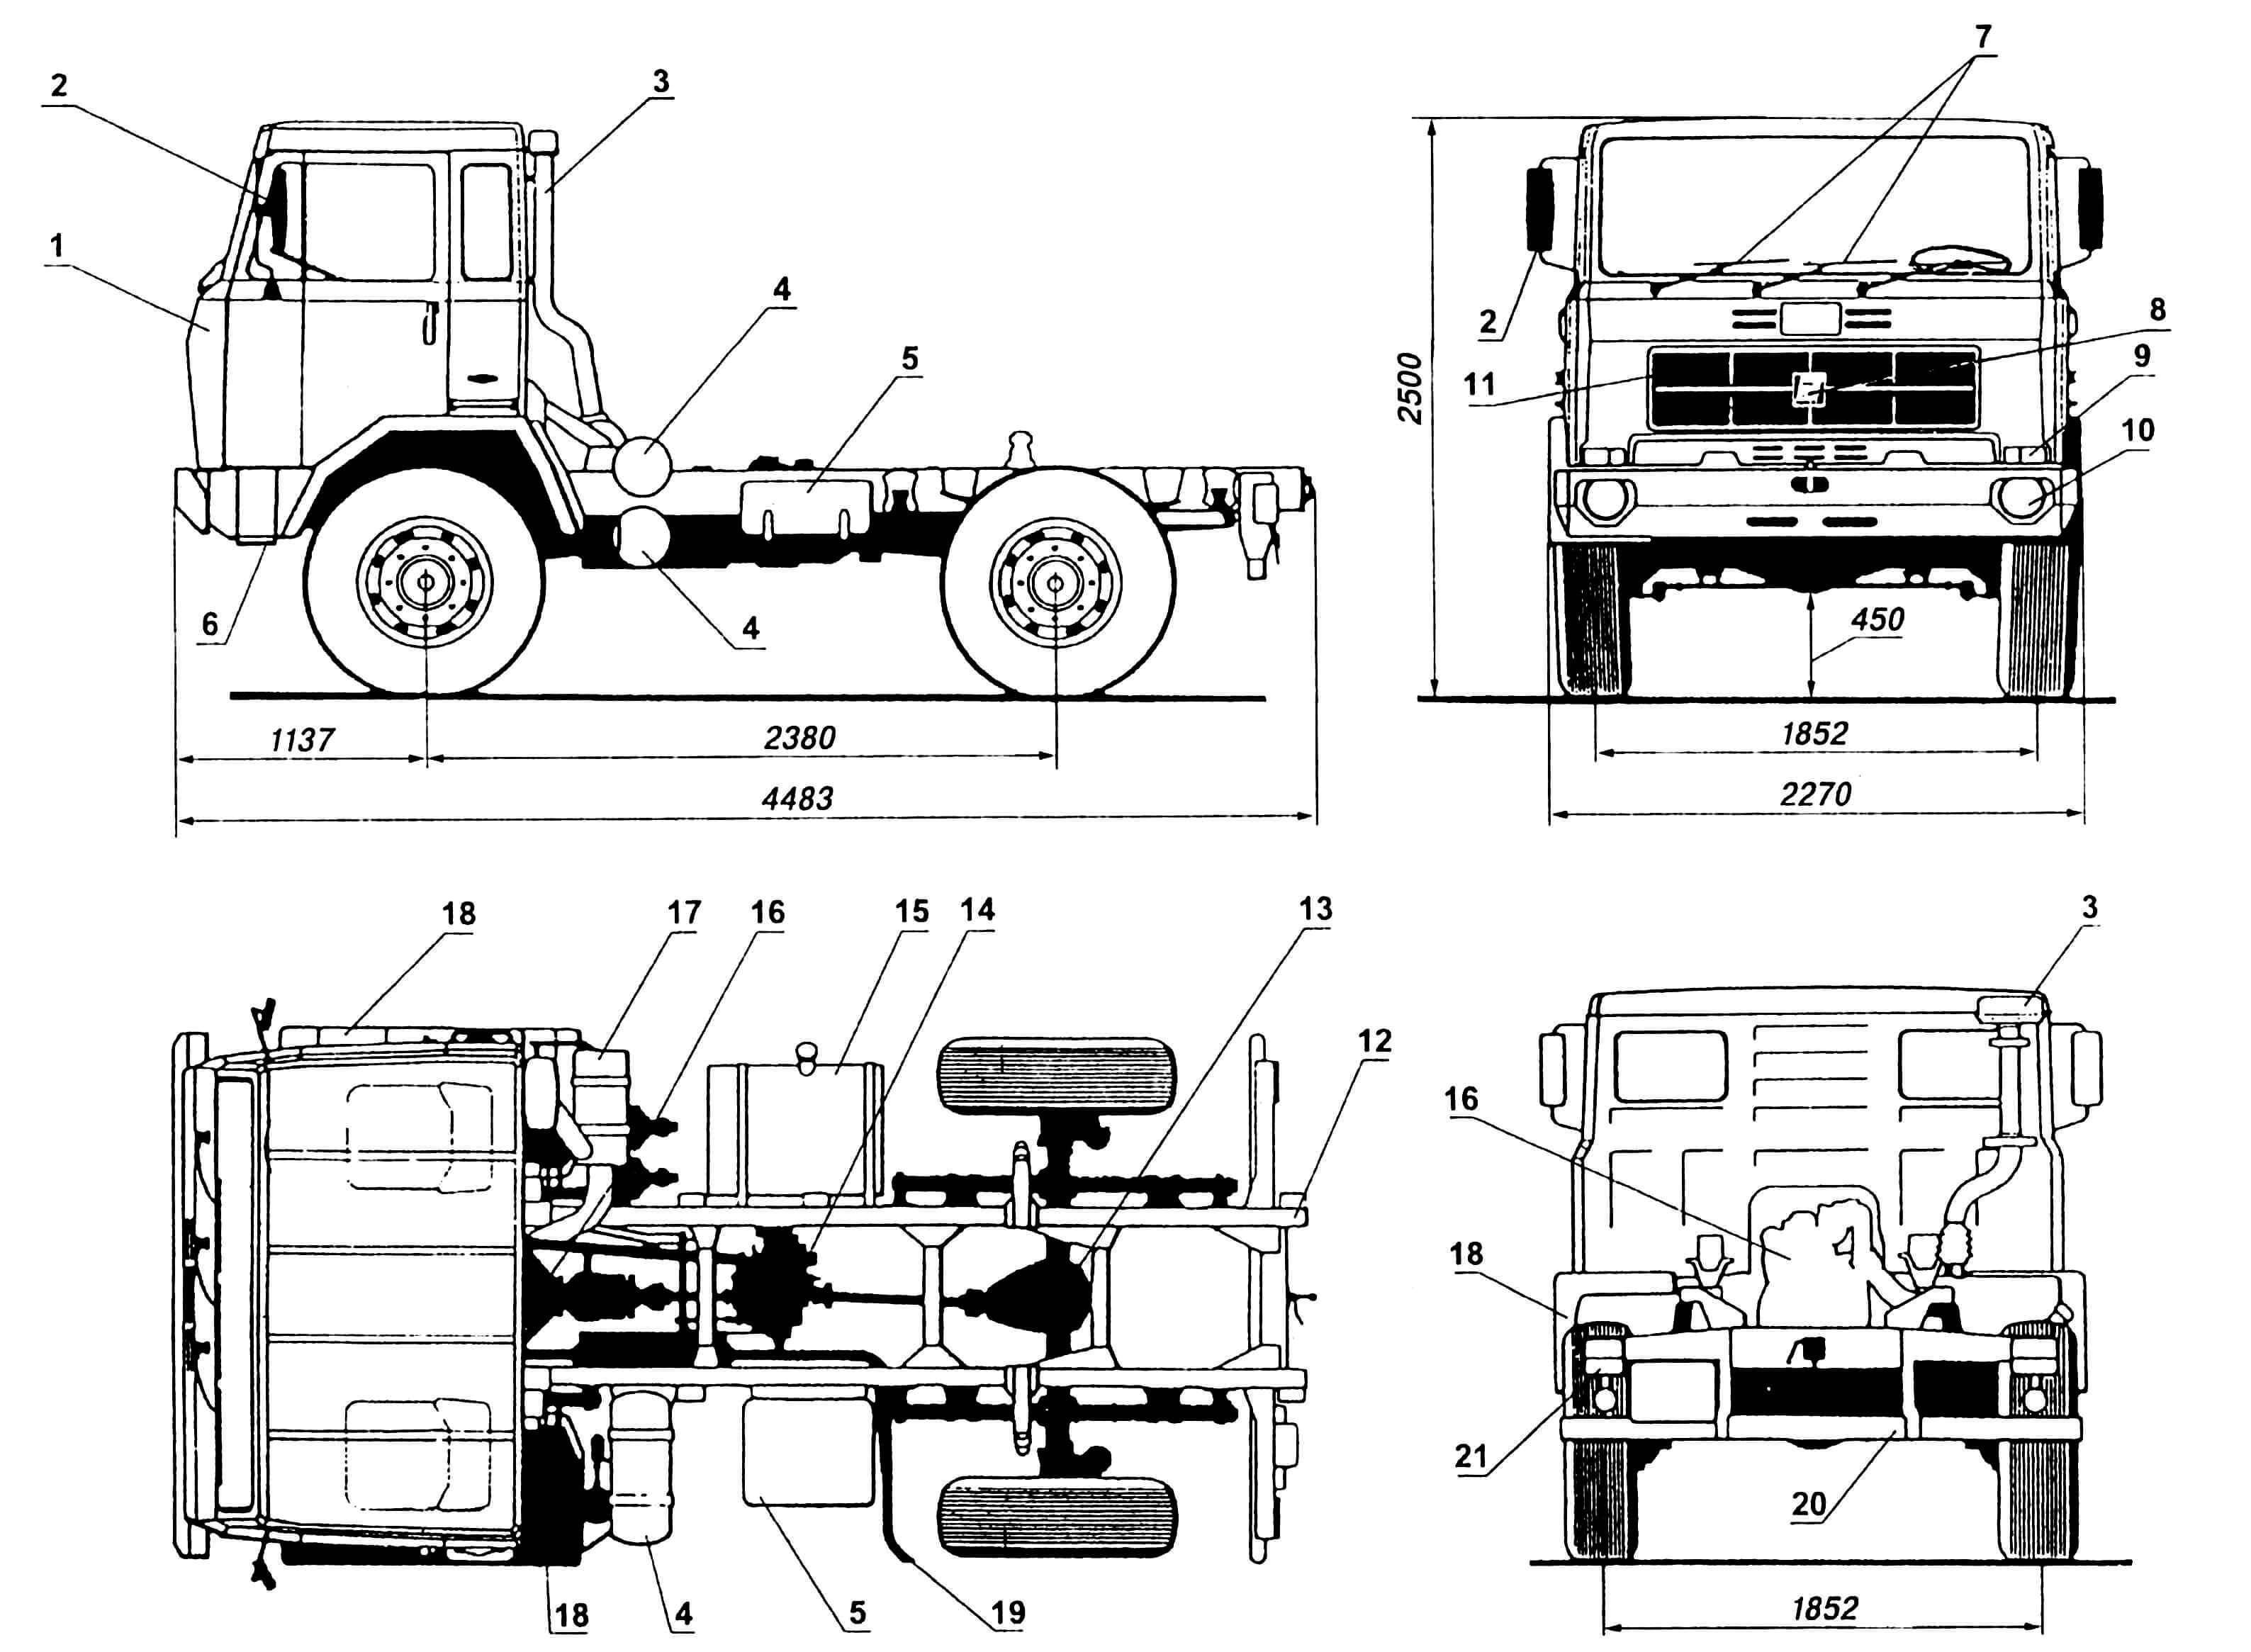 Автомобиль FIAT 65 PC: 1 — кабина; 2 — зеркала заднего вида; 3 — воздухозаборник; 4 — рессиверы гидросистемы; 5 — ящик аккумуляторный; 6 — подножка; 7 — стеклоочистители; 8 — эмблема IVECO; 9 — блок передних фонарей; 10 — фара; 11 — облицовка радиатора; 12 — рама; 13 — передача главная и дифференциал; 14 — коробка раздаточная; 15 — бак топливный; 16 — двигатель; 17 — фильтр воздушный; 18 — оперение; 19 — труба выхлопная; 20 — брус отбойный; 21 — блок задних фонарей.